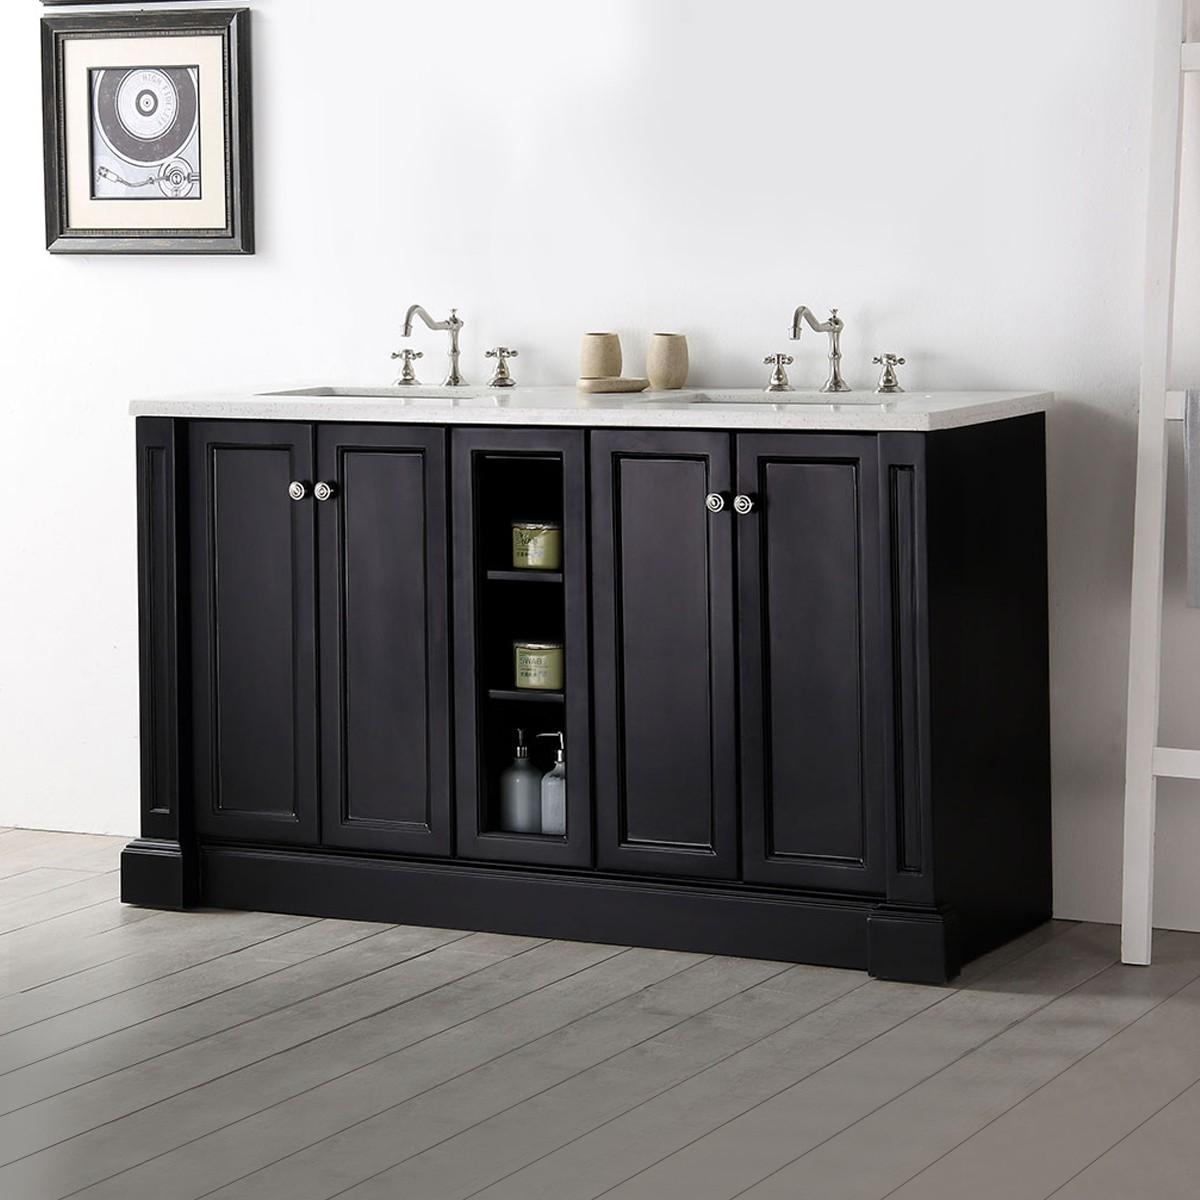 60 In. Bathroom Vanity (DK-6360-E)